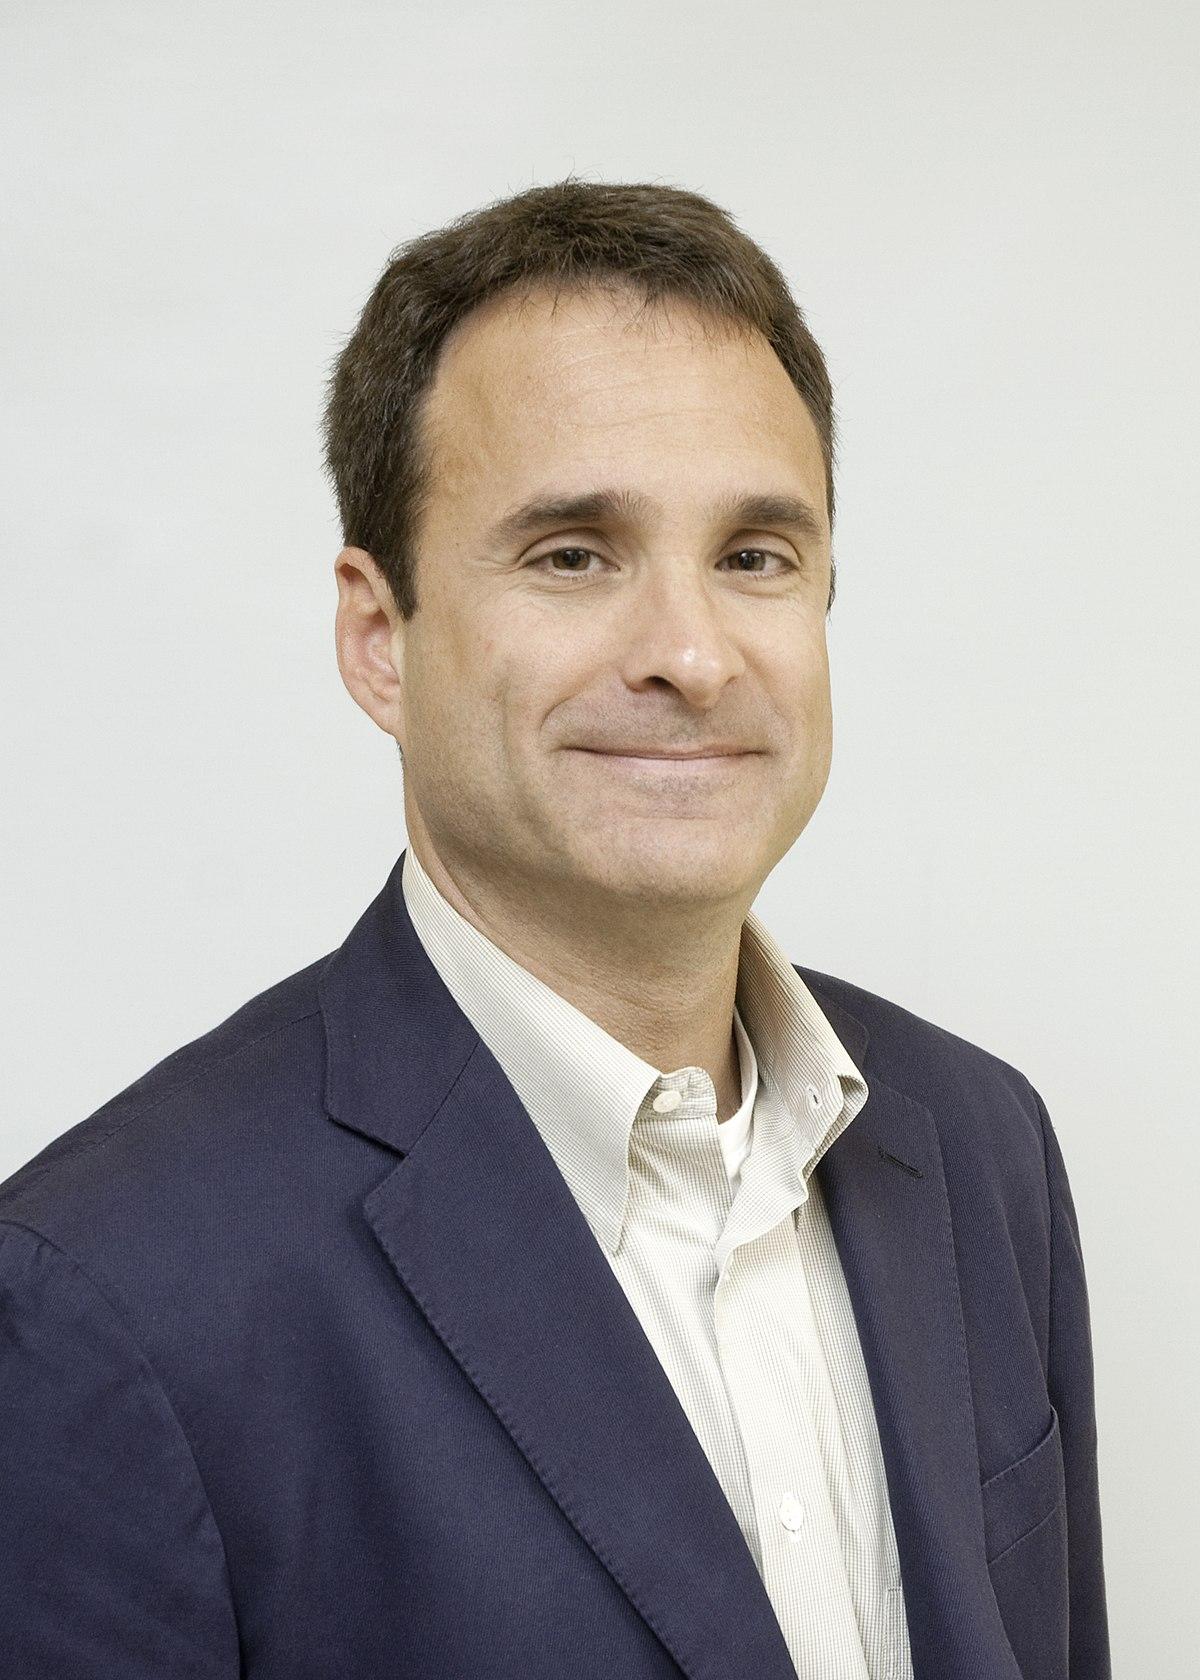 Bradley Bernstein